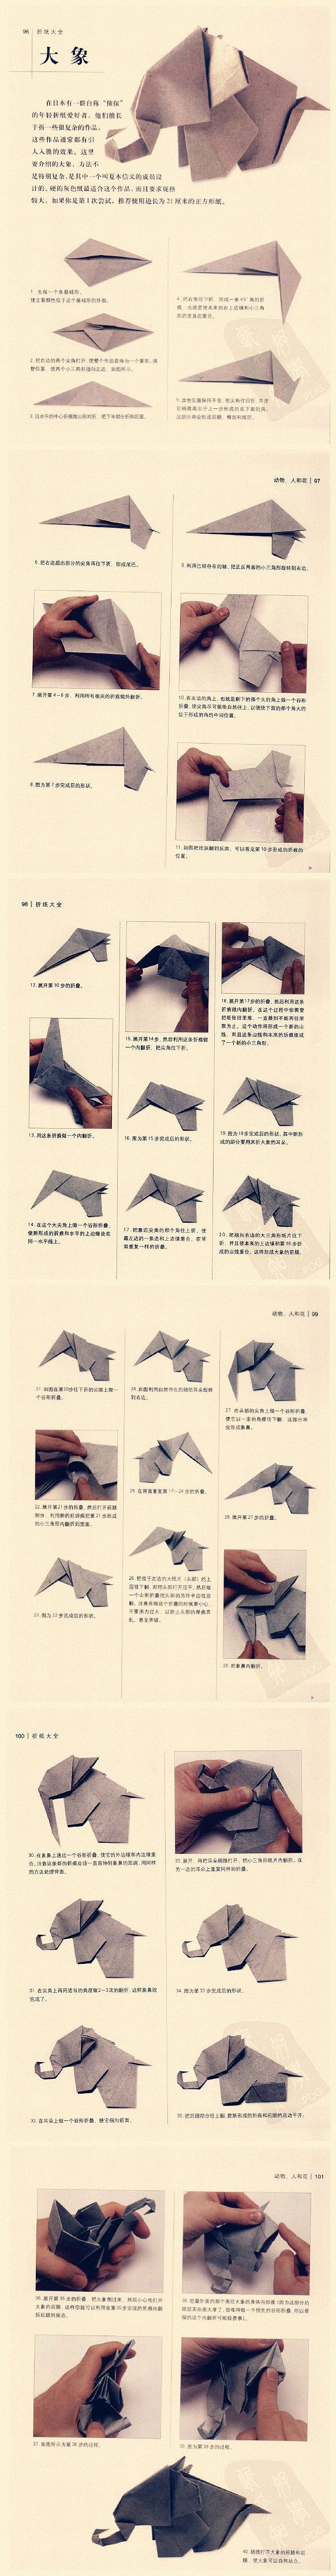 Origami elephant photo instructions.                                                                                                                                                                                 More